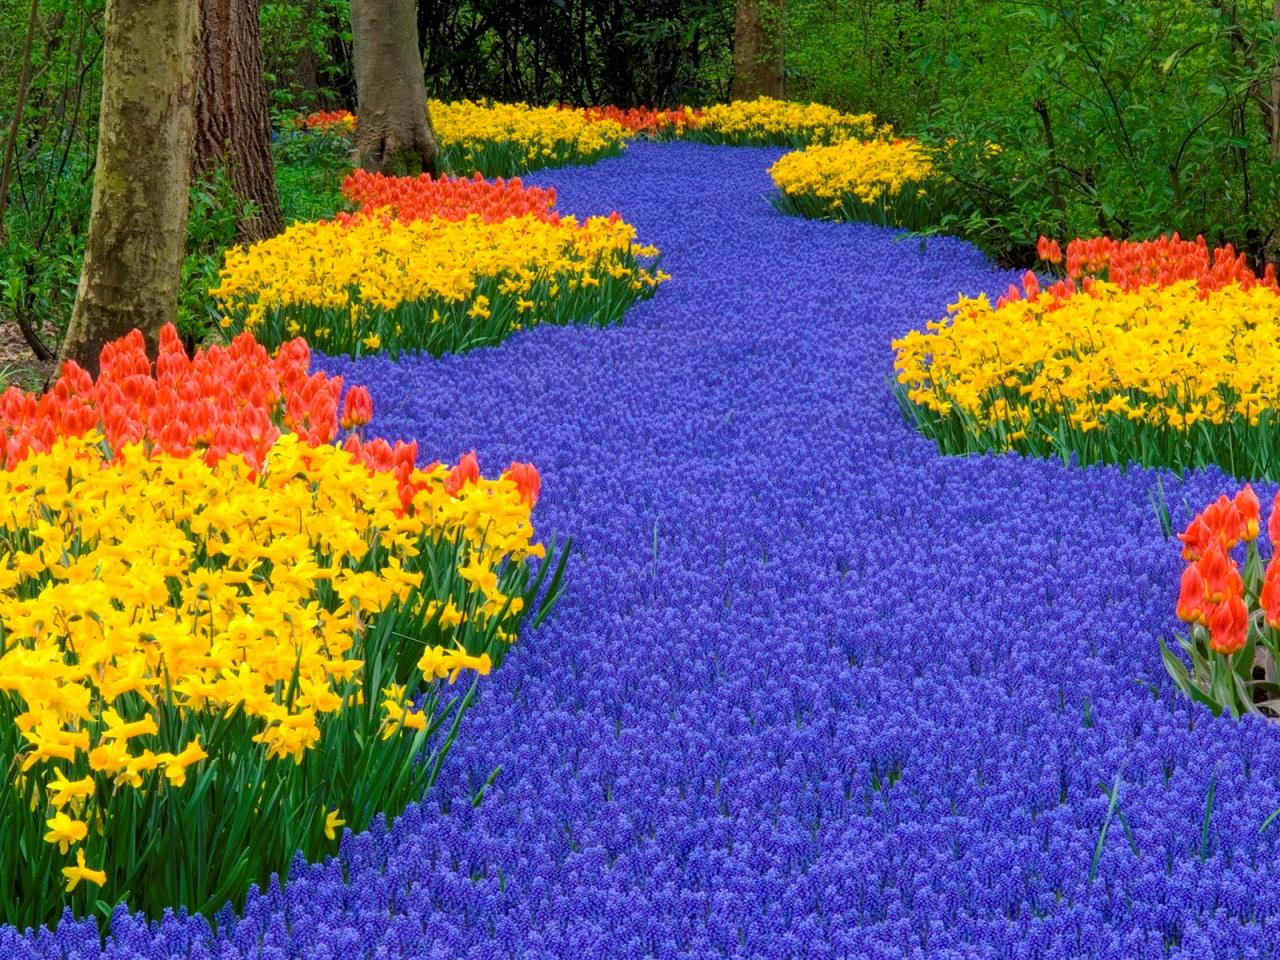 Разноцветные клумбы парка Кекенхоф